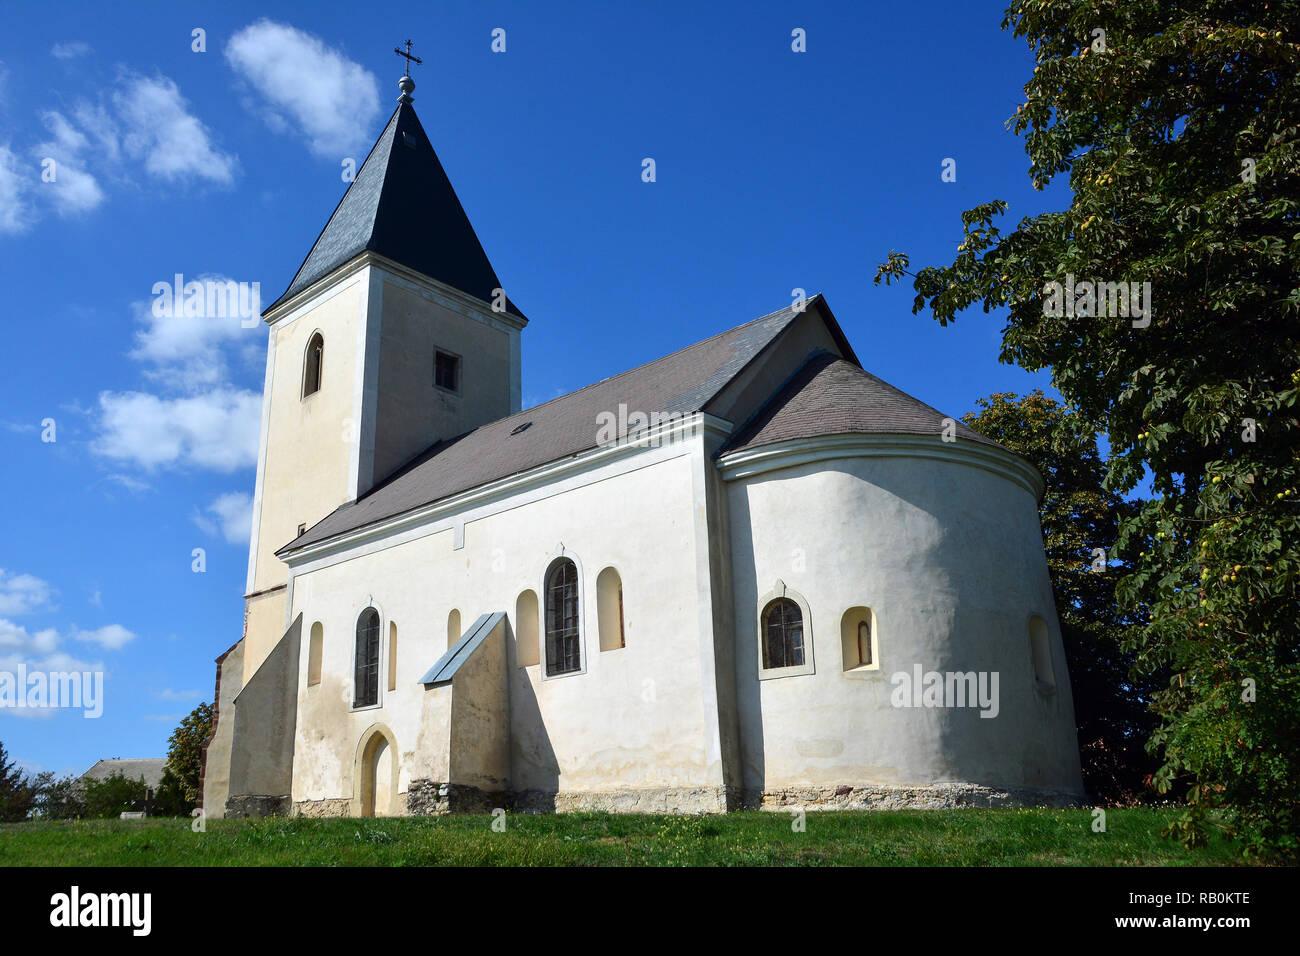 13th century St. Stephen Roman Catholic Church in Szentkirályszabadja. 13. századi Szent István római katolikus templom Szentkirályszabadján. - Stock Image